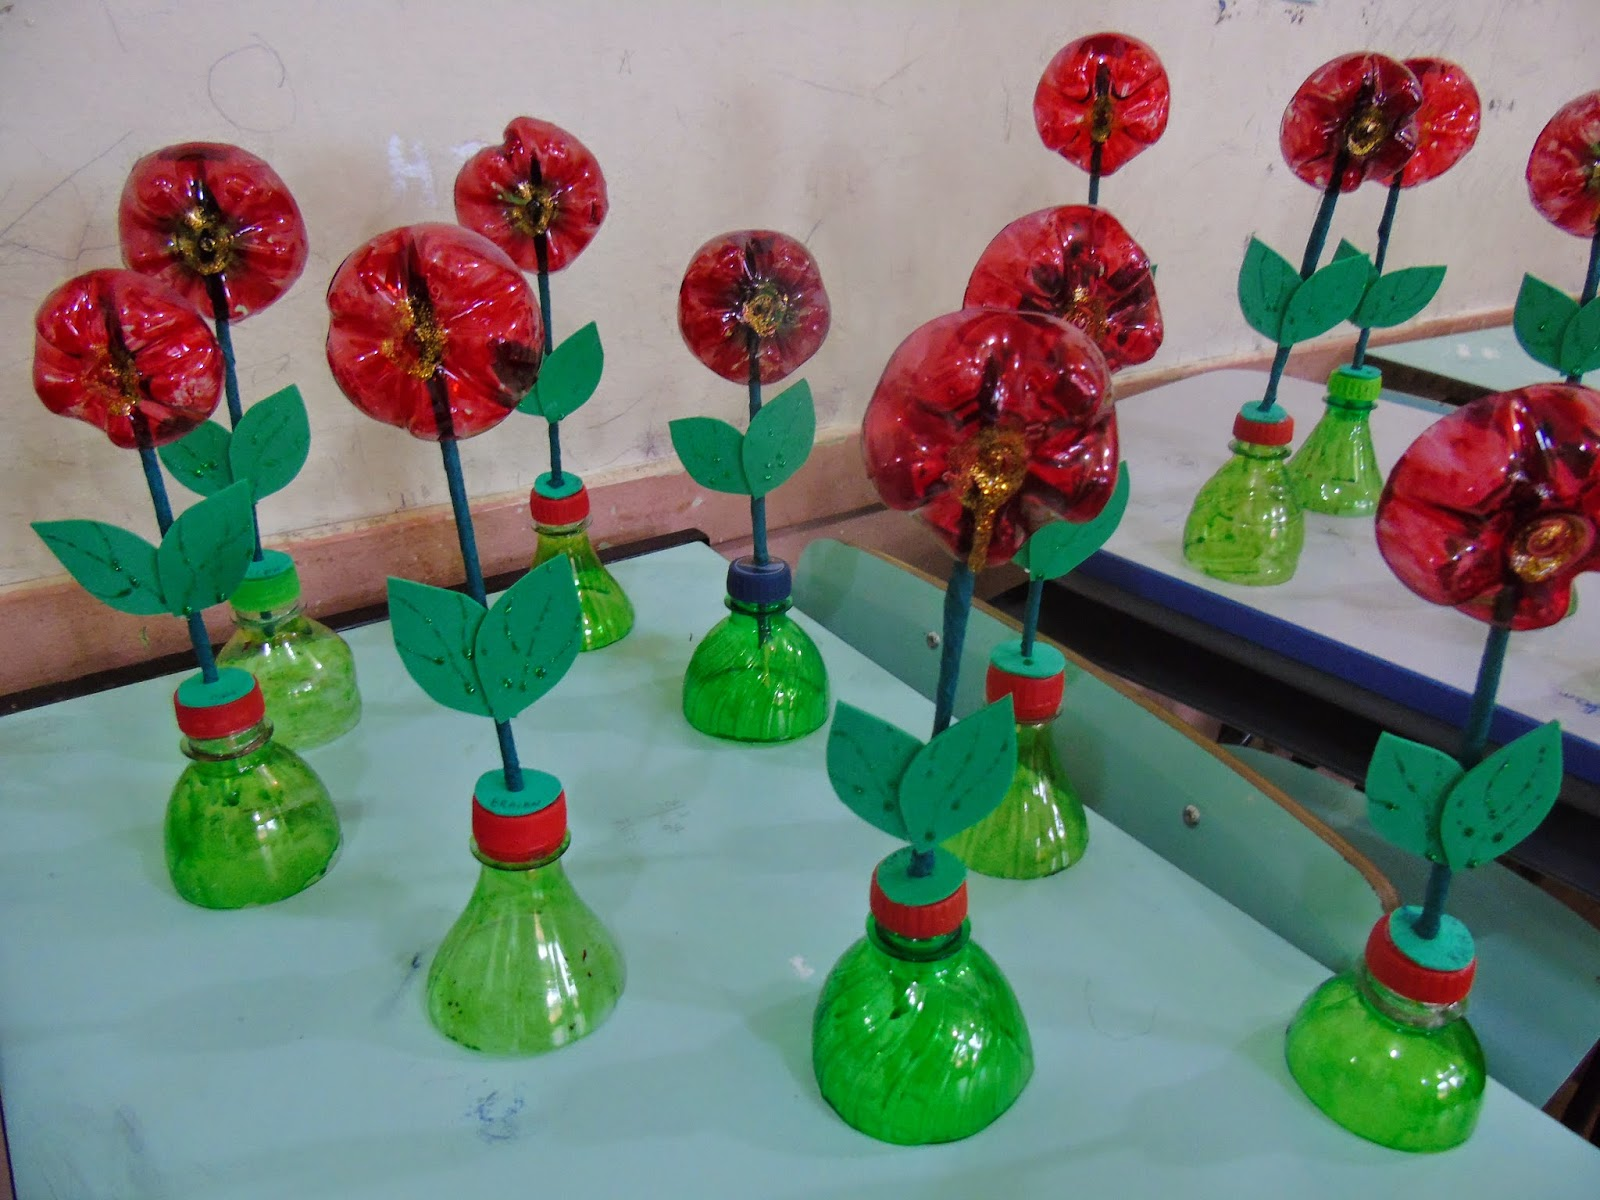 Fabuloso Escola Afonso Bedinot: Atividade de Artes 2º Ano - Dia das Mães TD04